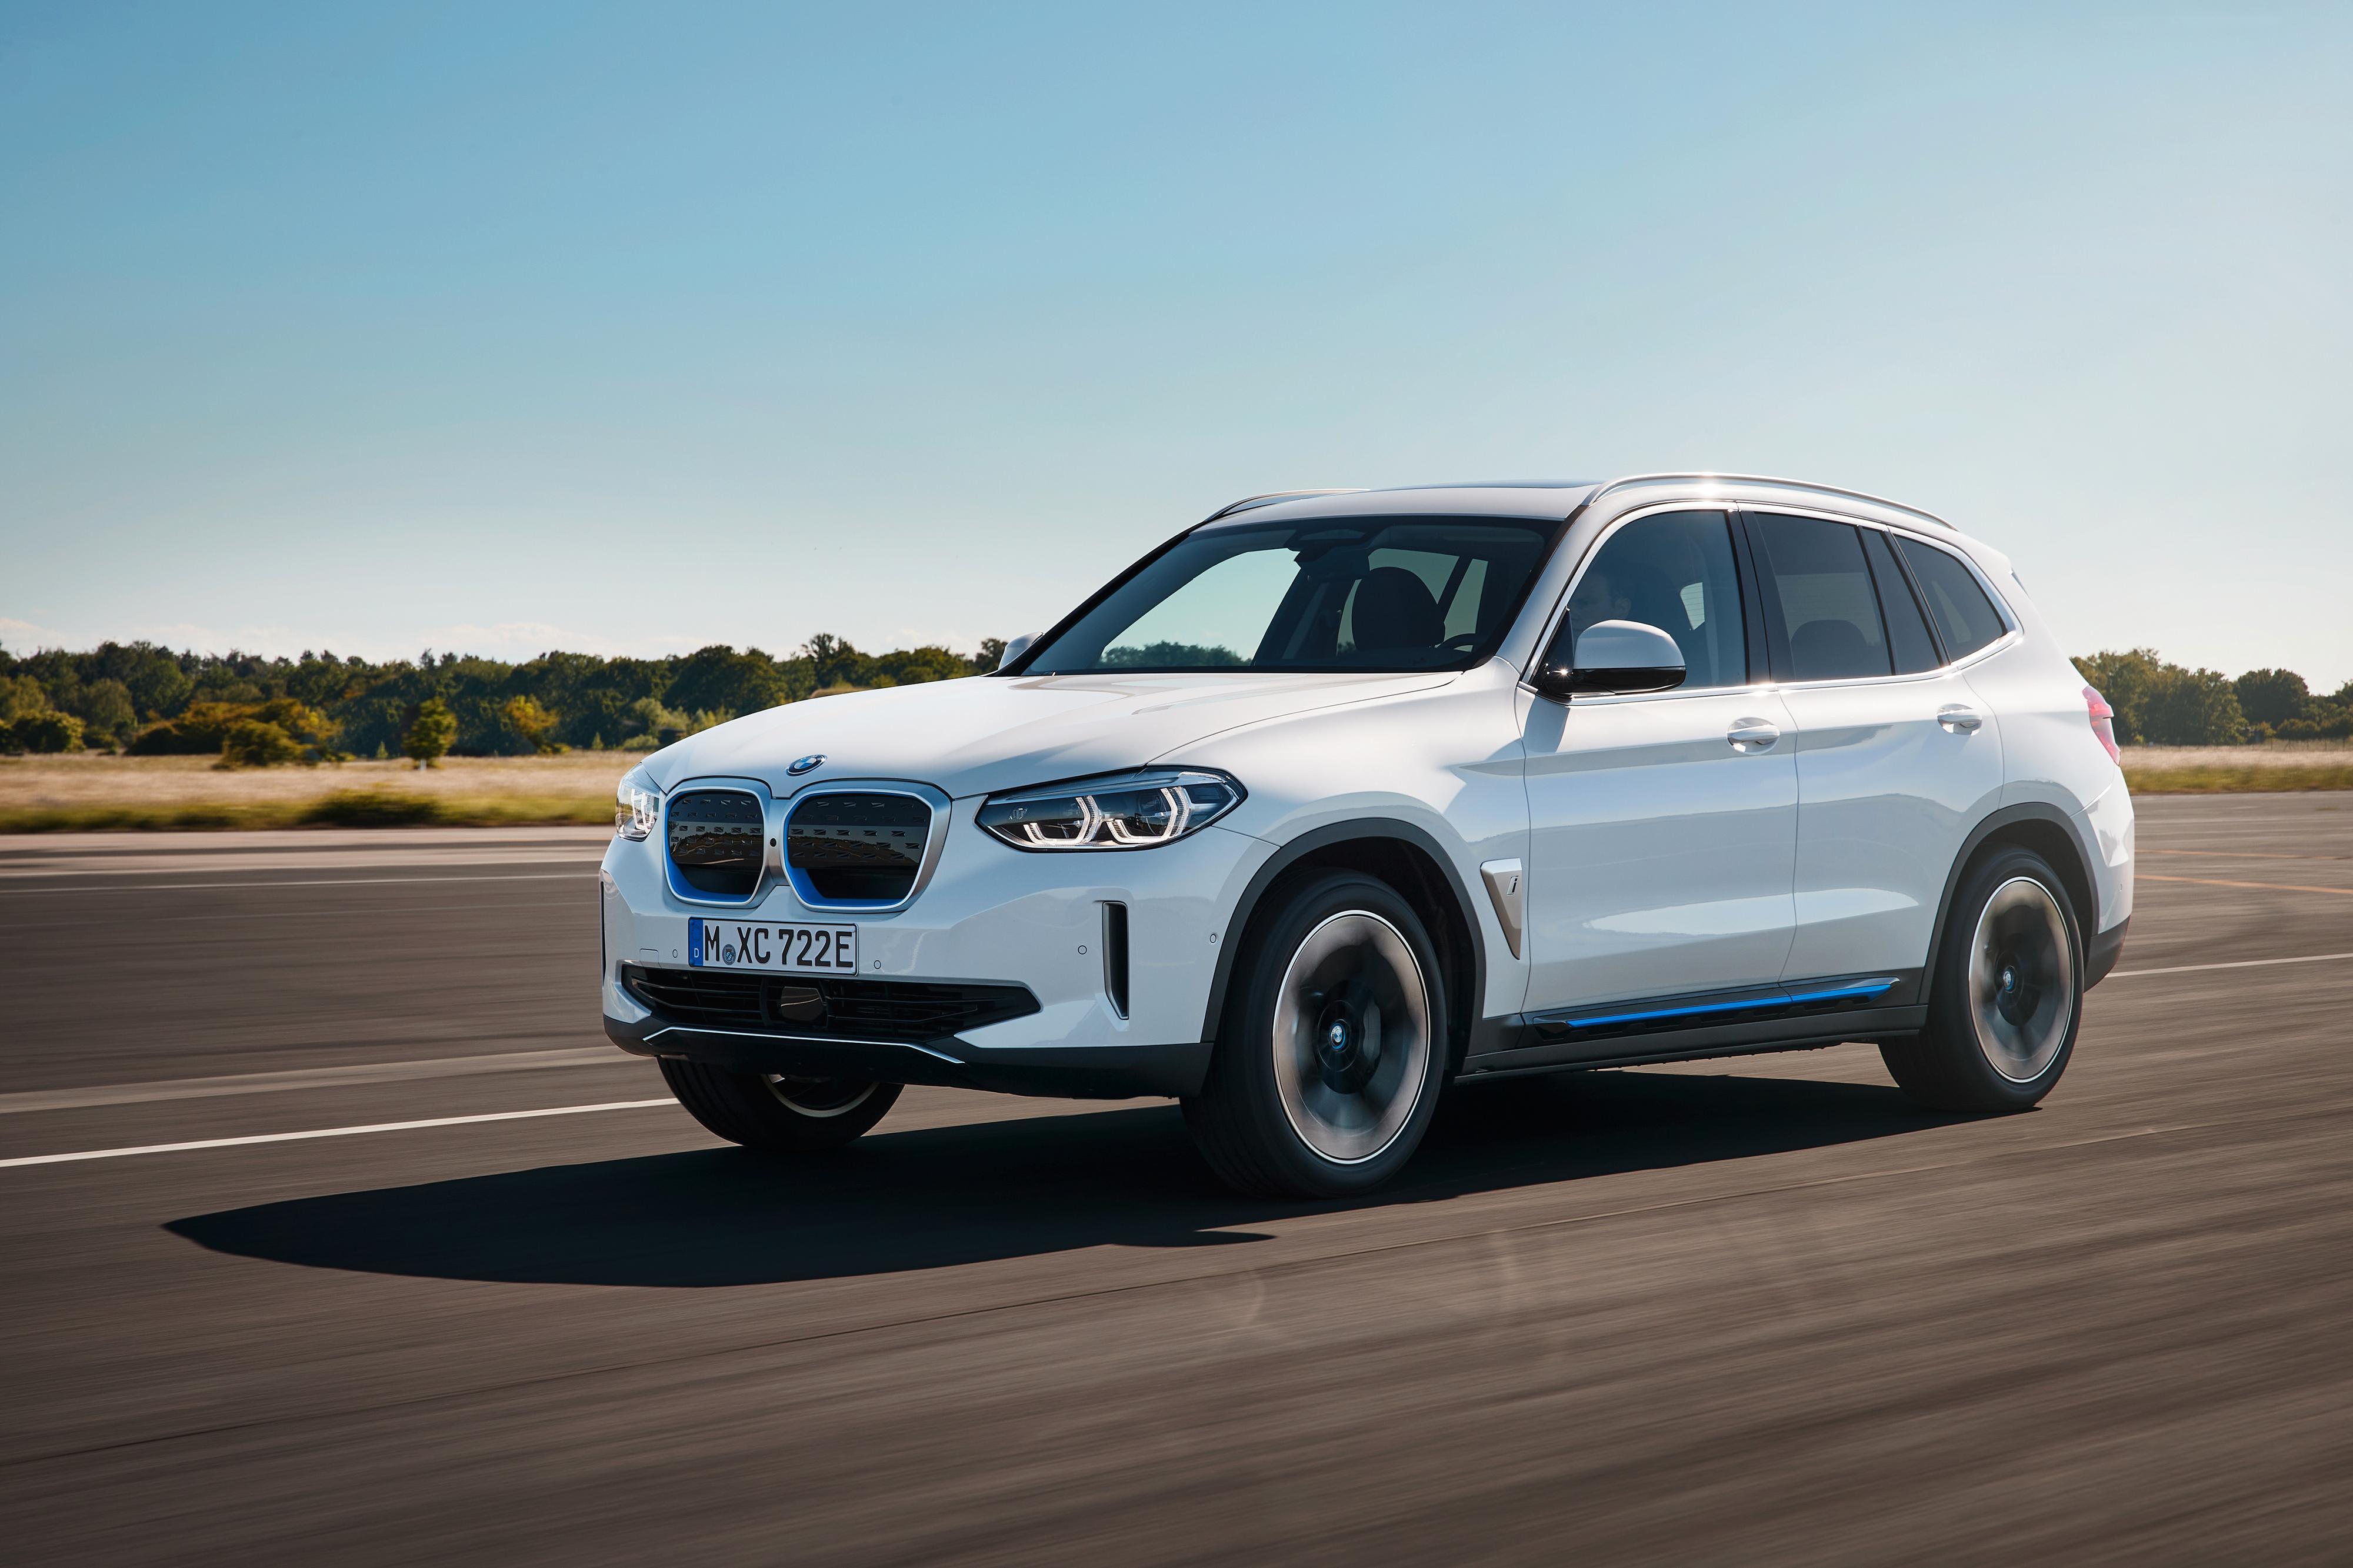 Produksjonsversjonen av BMW iX3 er klar.